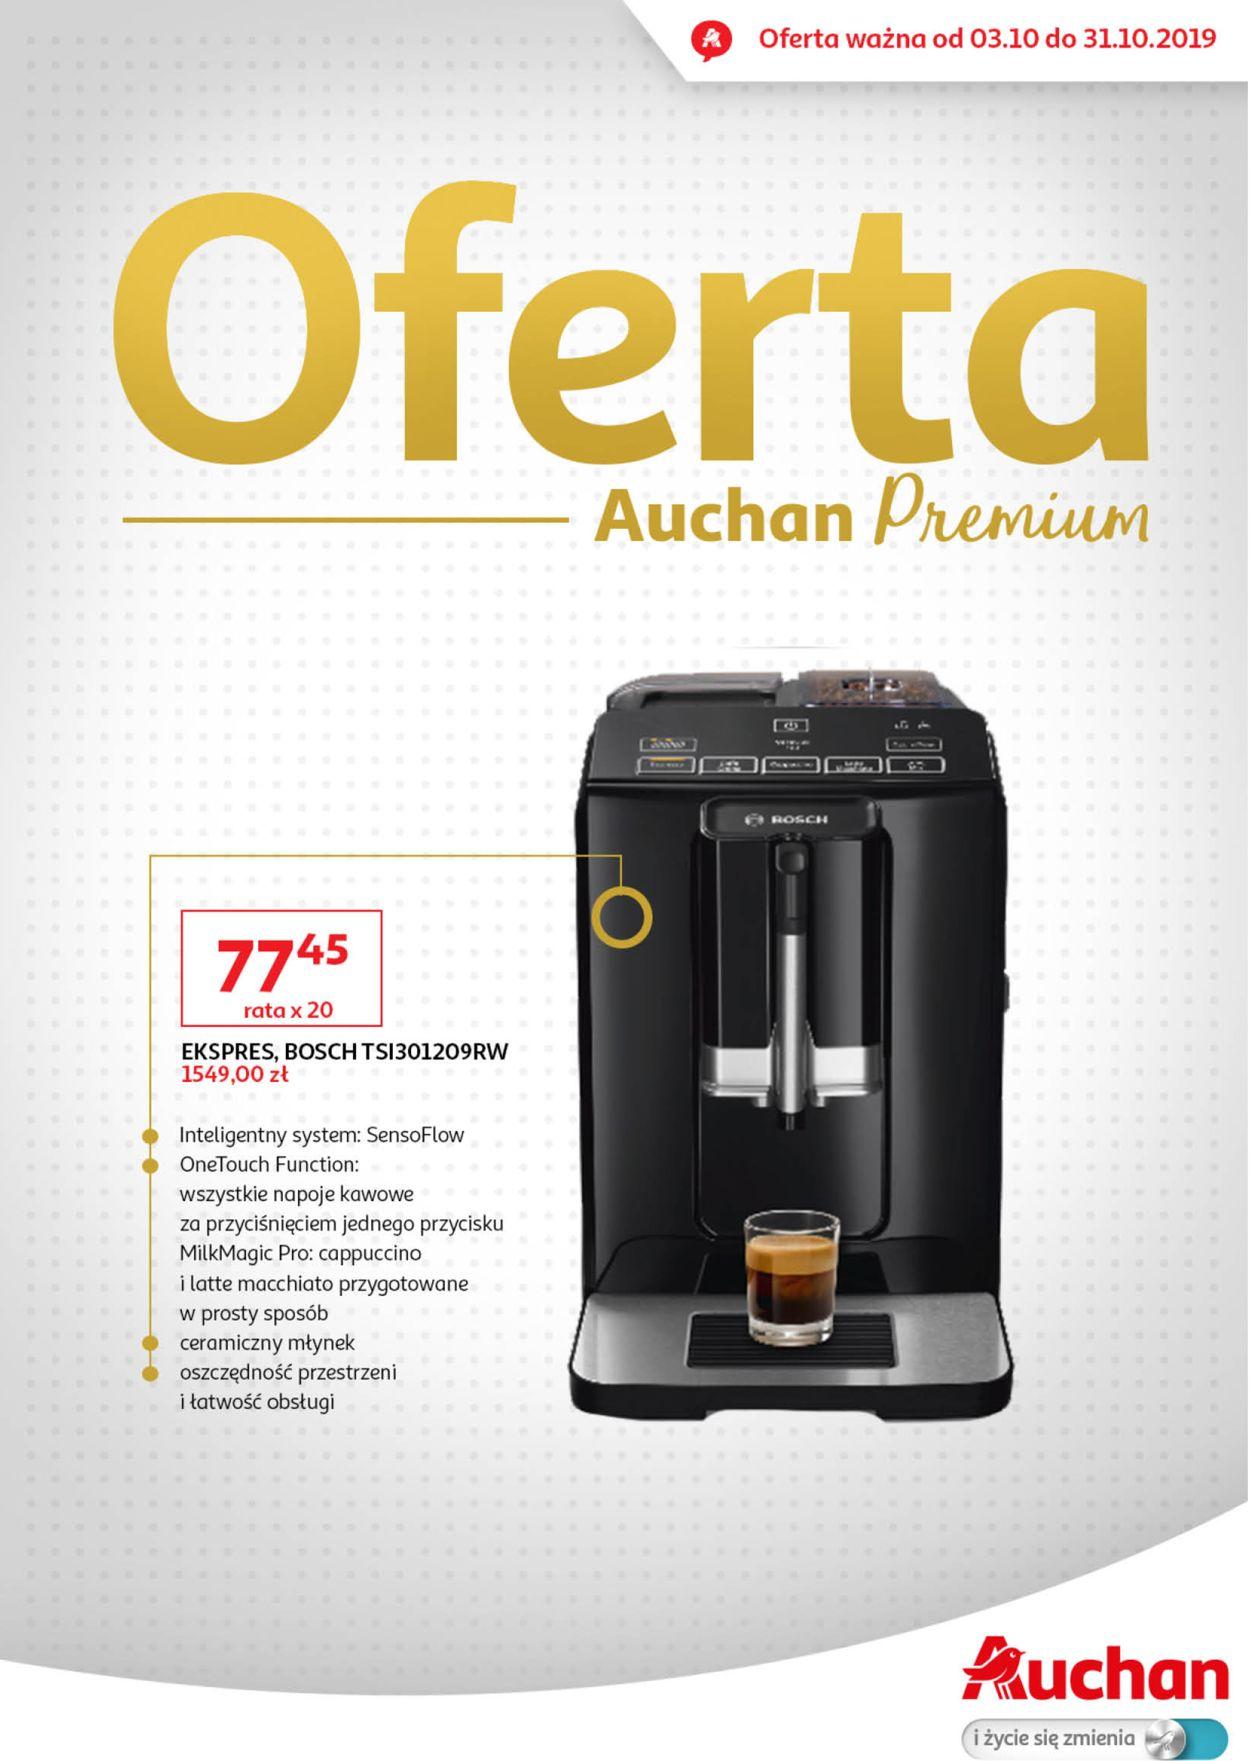 Gazetka promocyjna Auchan - 03.10-31.10.2019